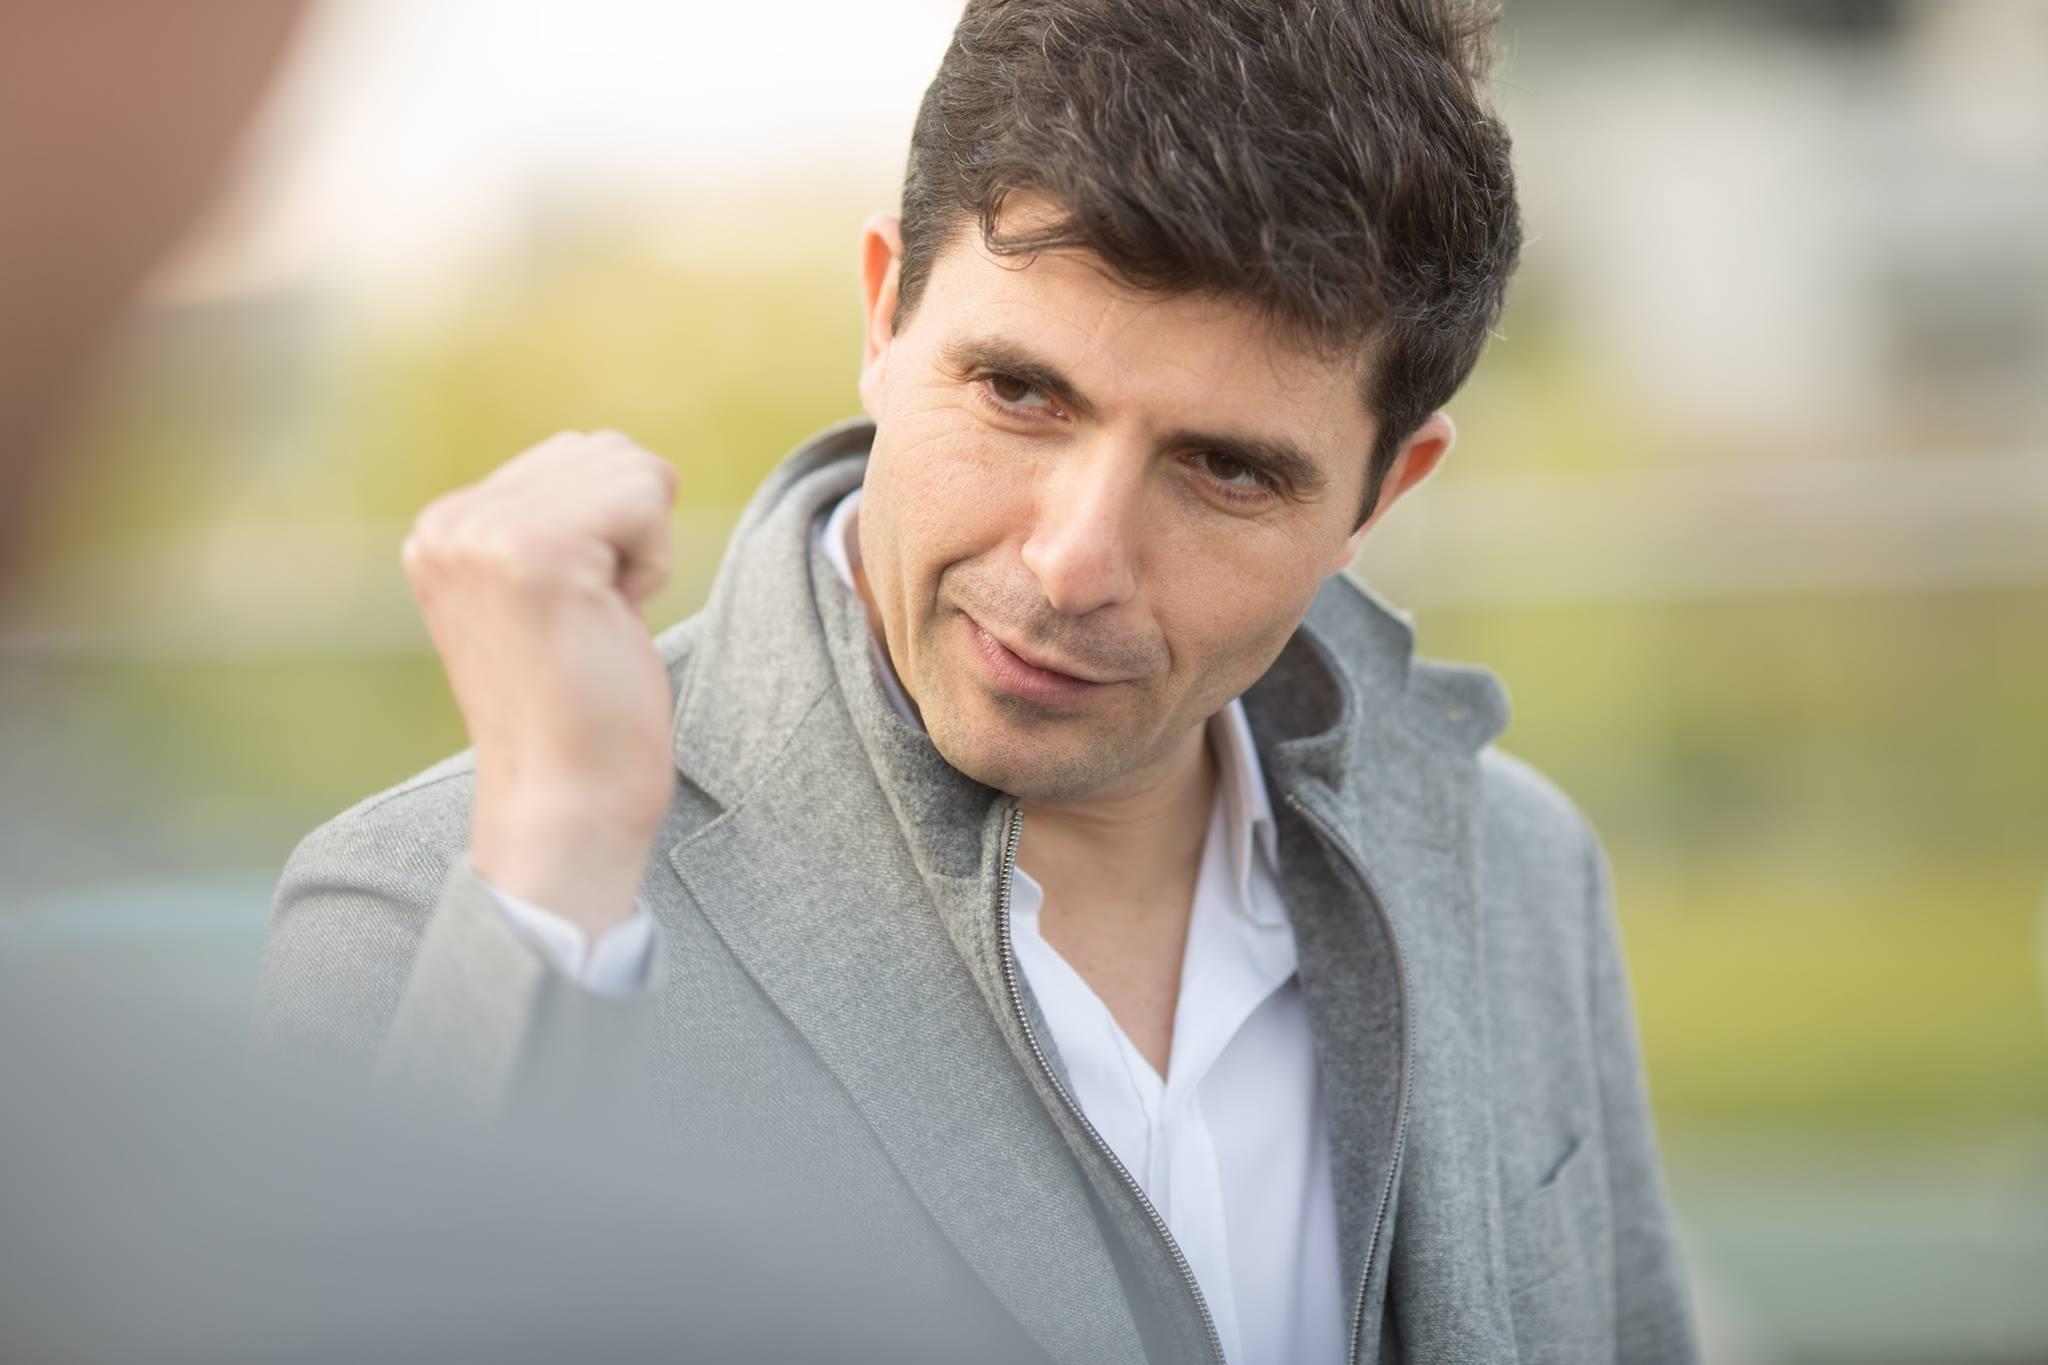 Основатель Gett оценил сделку «Яндекса» и Uber как «одним конкурентом меньше»